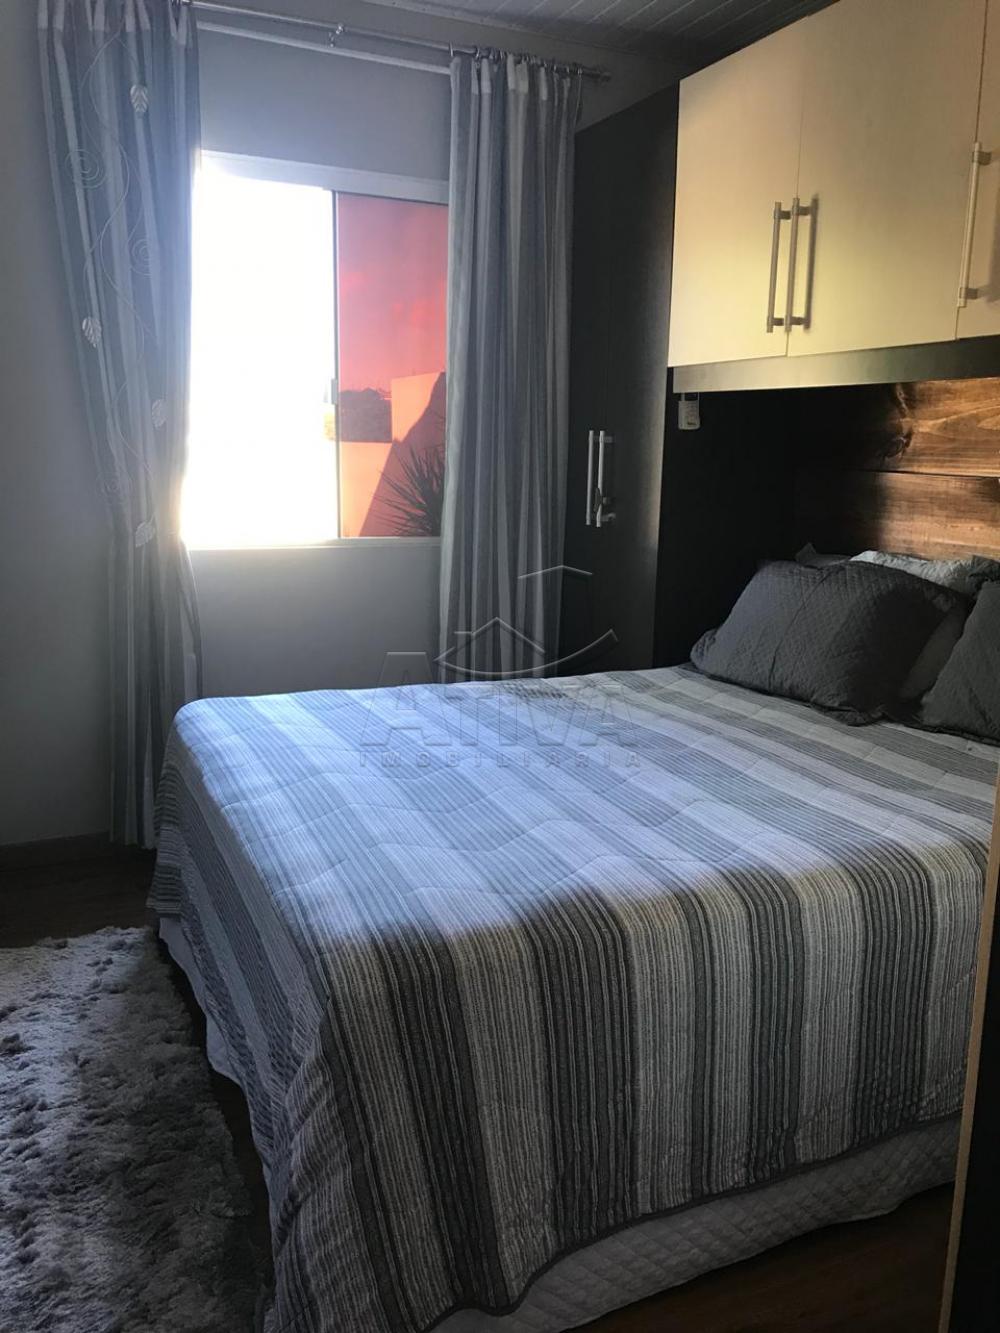 Comprar Casa / Condomínio em Toledo apenas R$ 170.000,00 - Foto 9